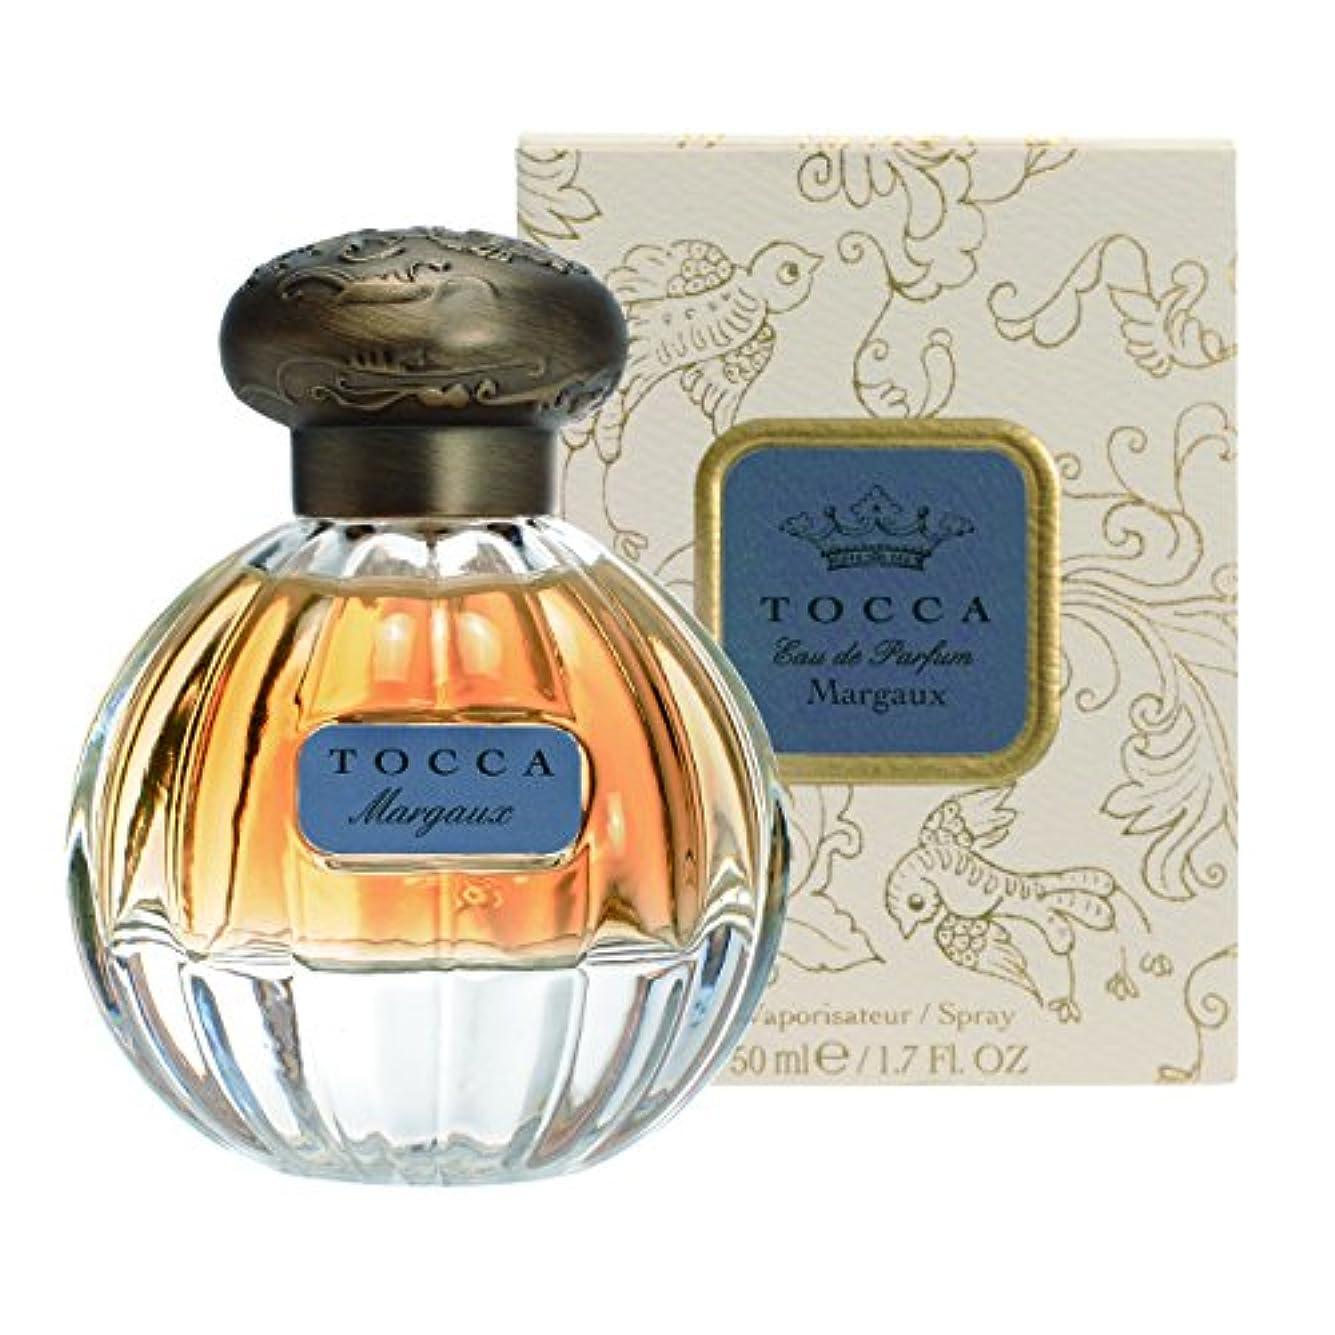 上回る白菜検索エンジン最適化トッカ(TOCCA) オードパルファム マルゴーの香り 50ml(香水 永遠の愛を思わせるフローラルとカシミヤウッド、ムスクの甘い温かみにバニラのアクセントが加わった香り)